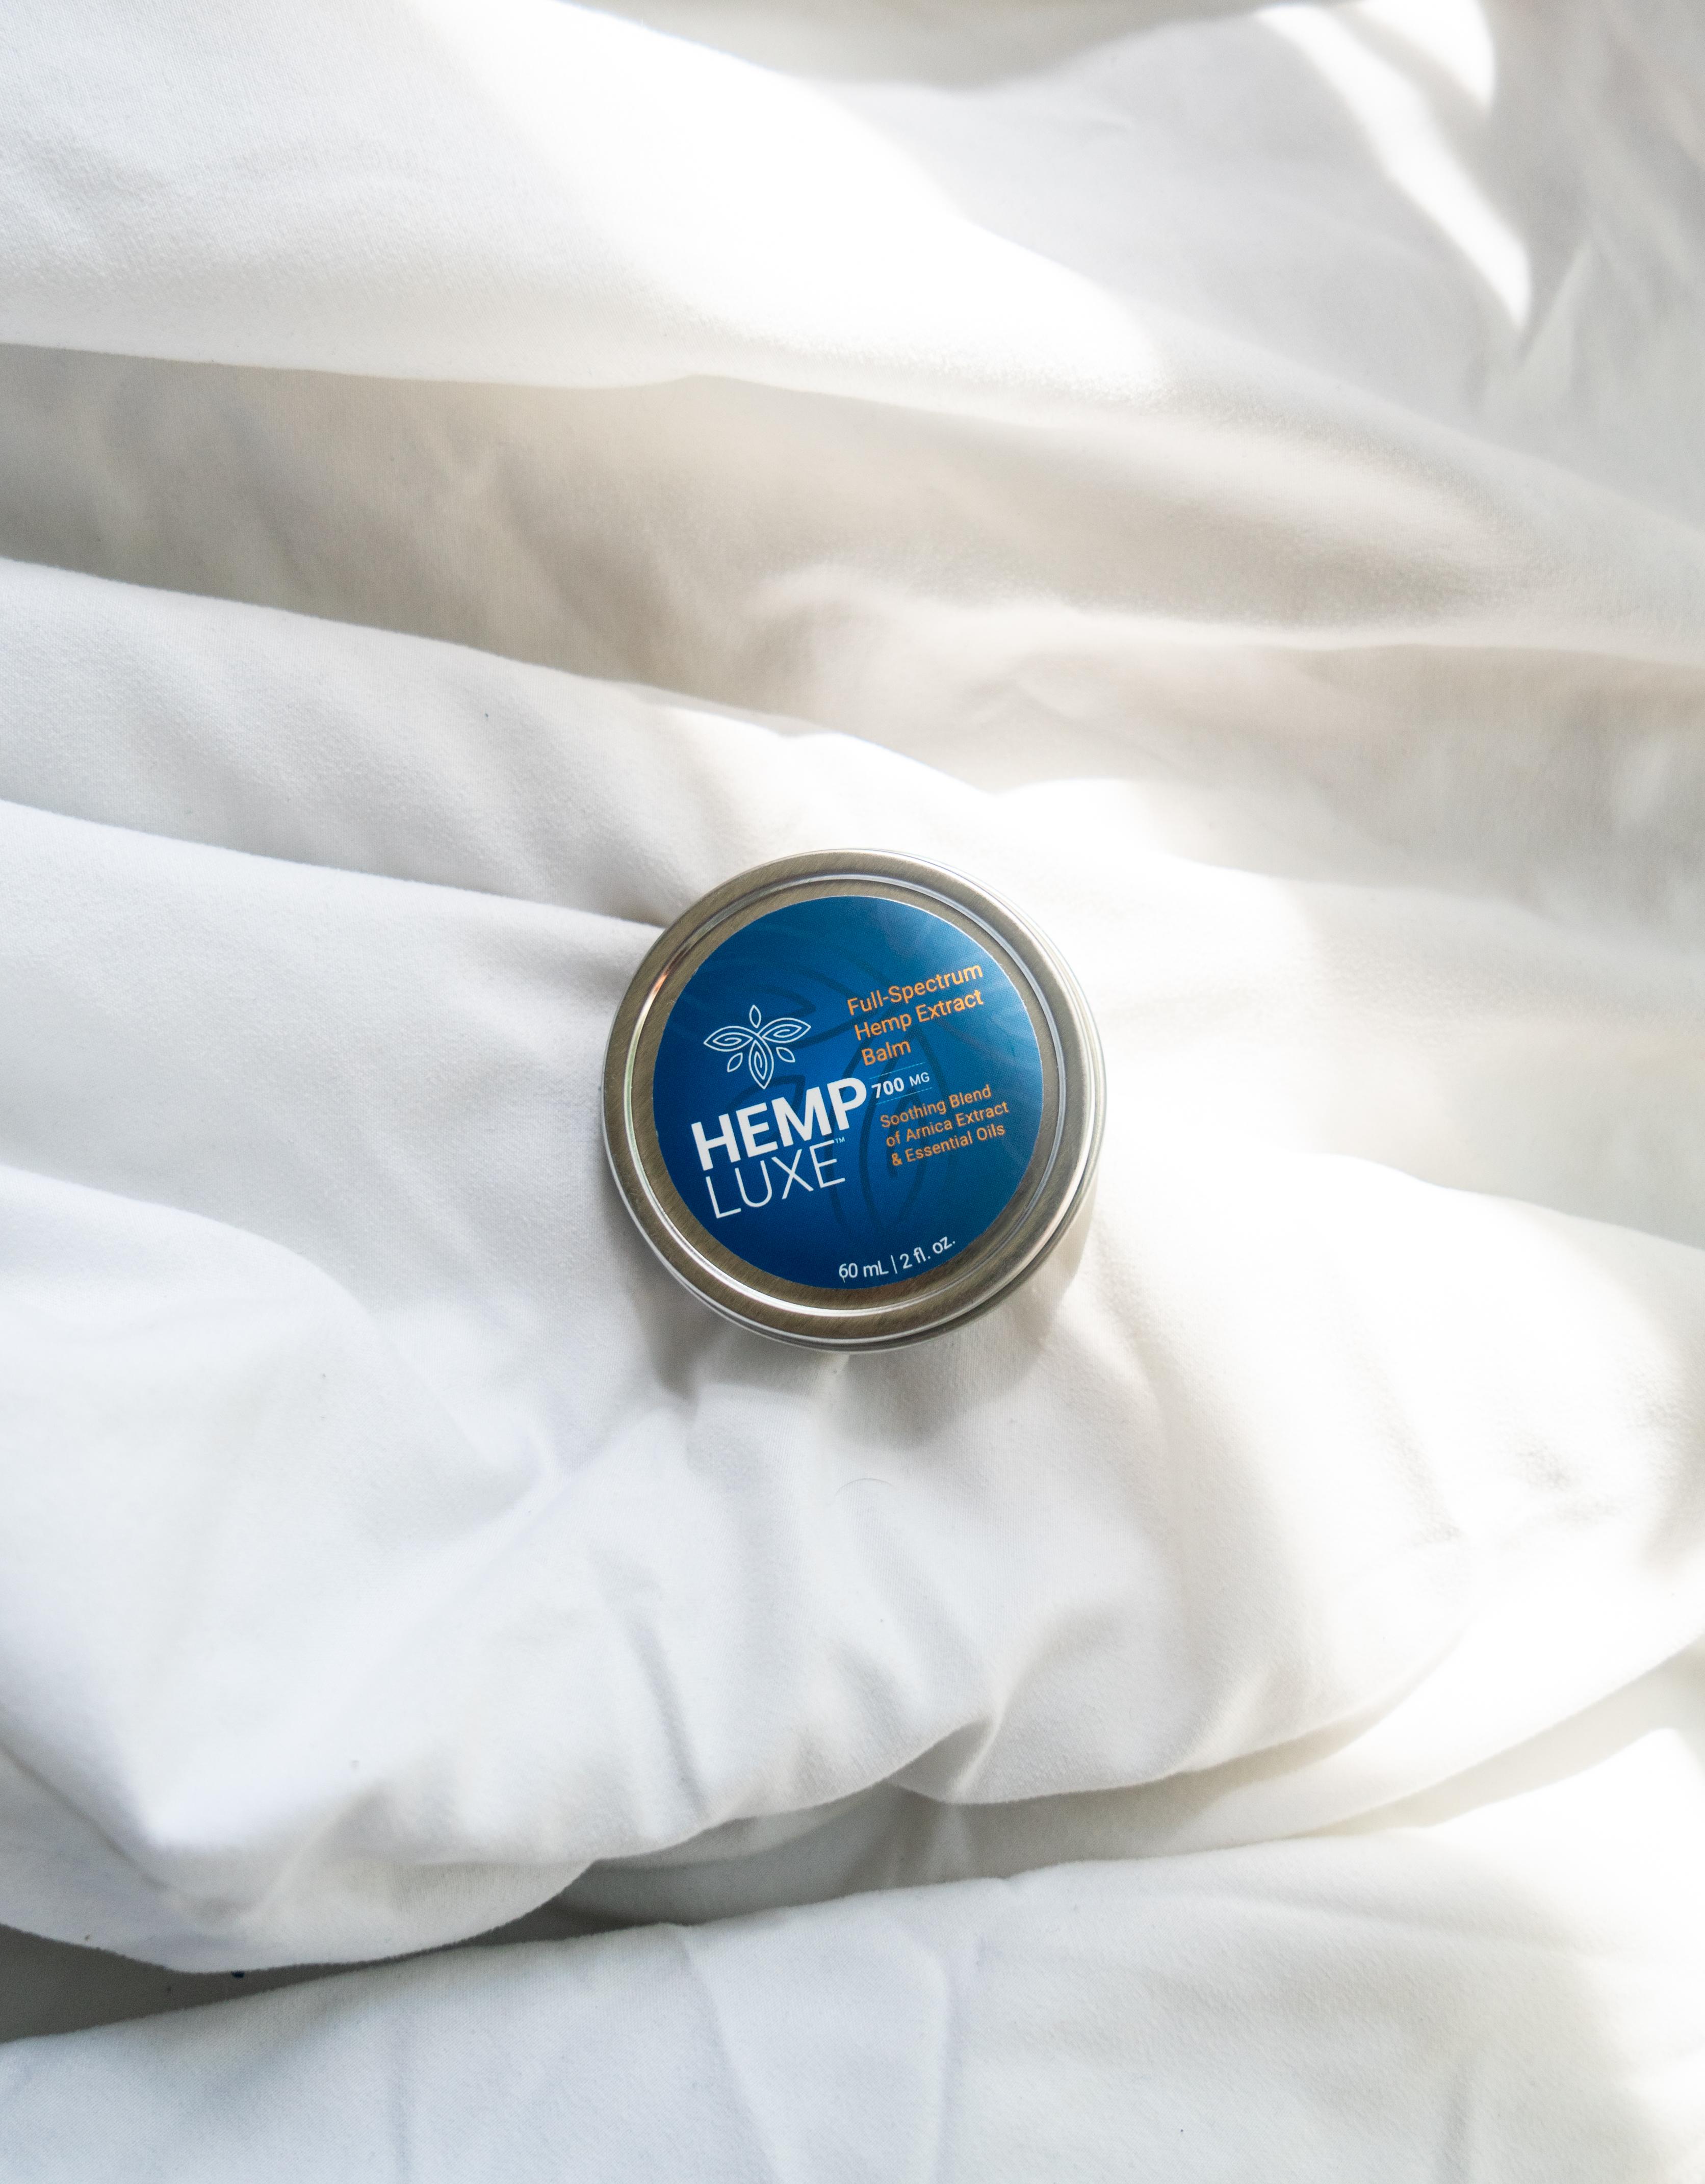 Hemp Luxe